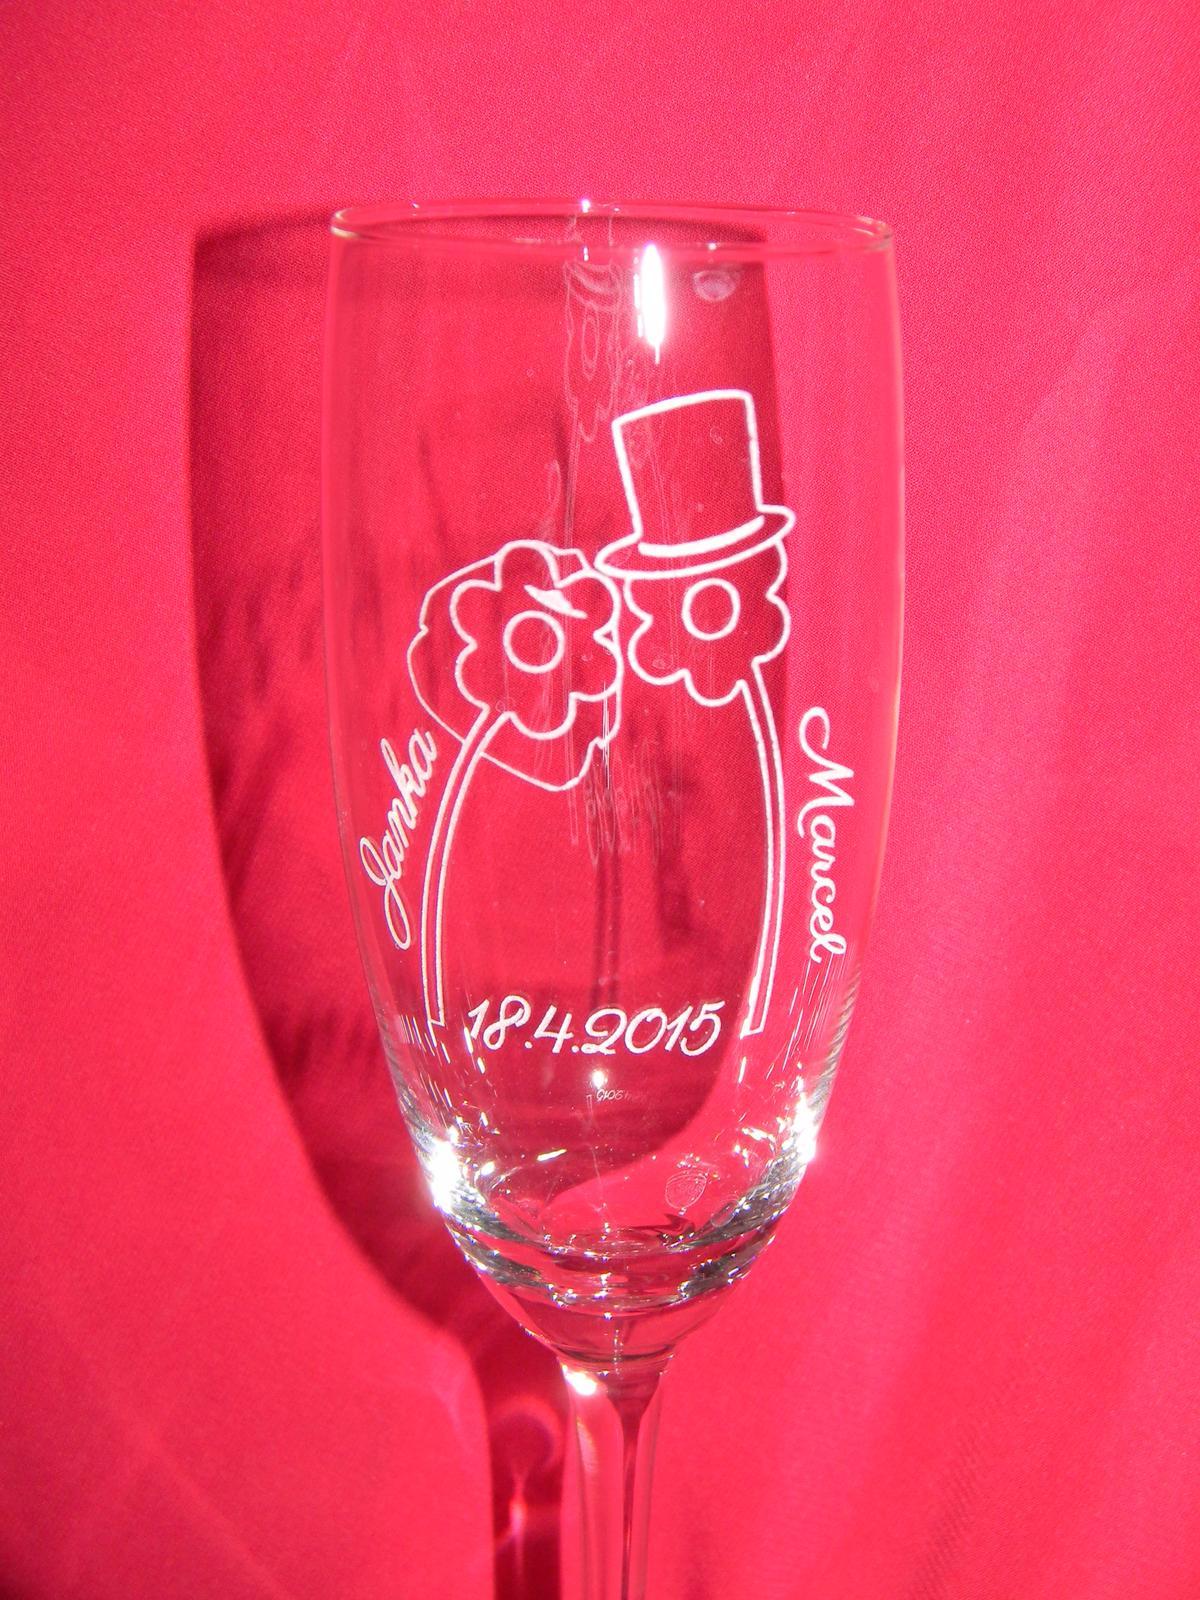 Svadobné poháre + gravirovanie 15 - Obrázok č. 1